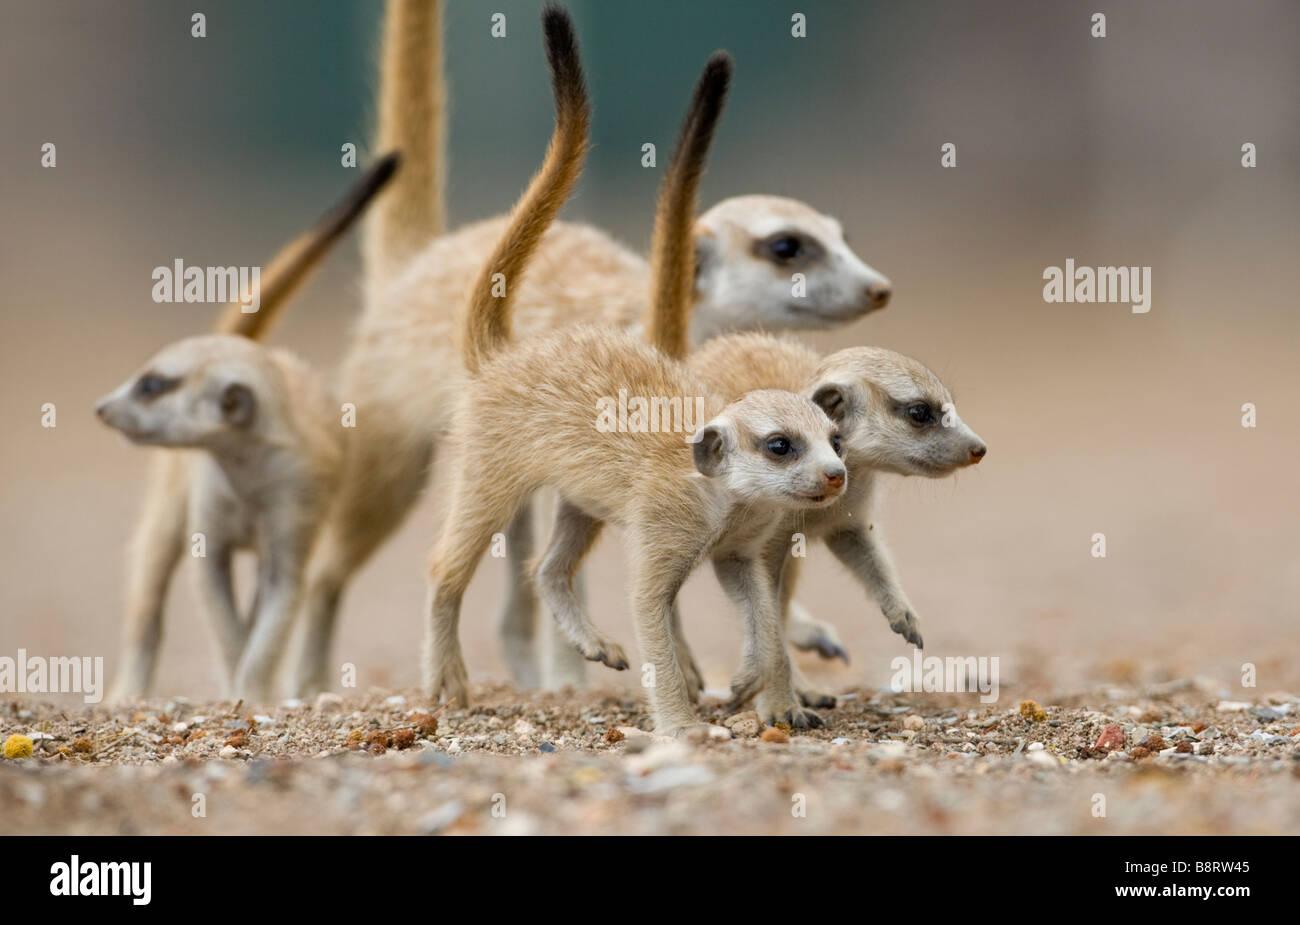 La Namibie Afrique Keetmanshoop petits suricates Suricata suricatta marcher avec des profils à l'extérieur Photo Stock